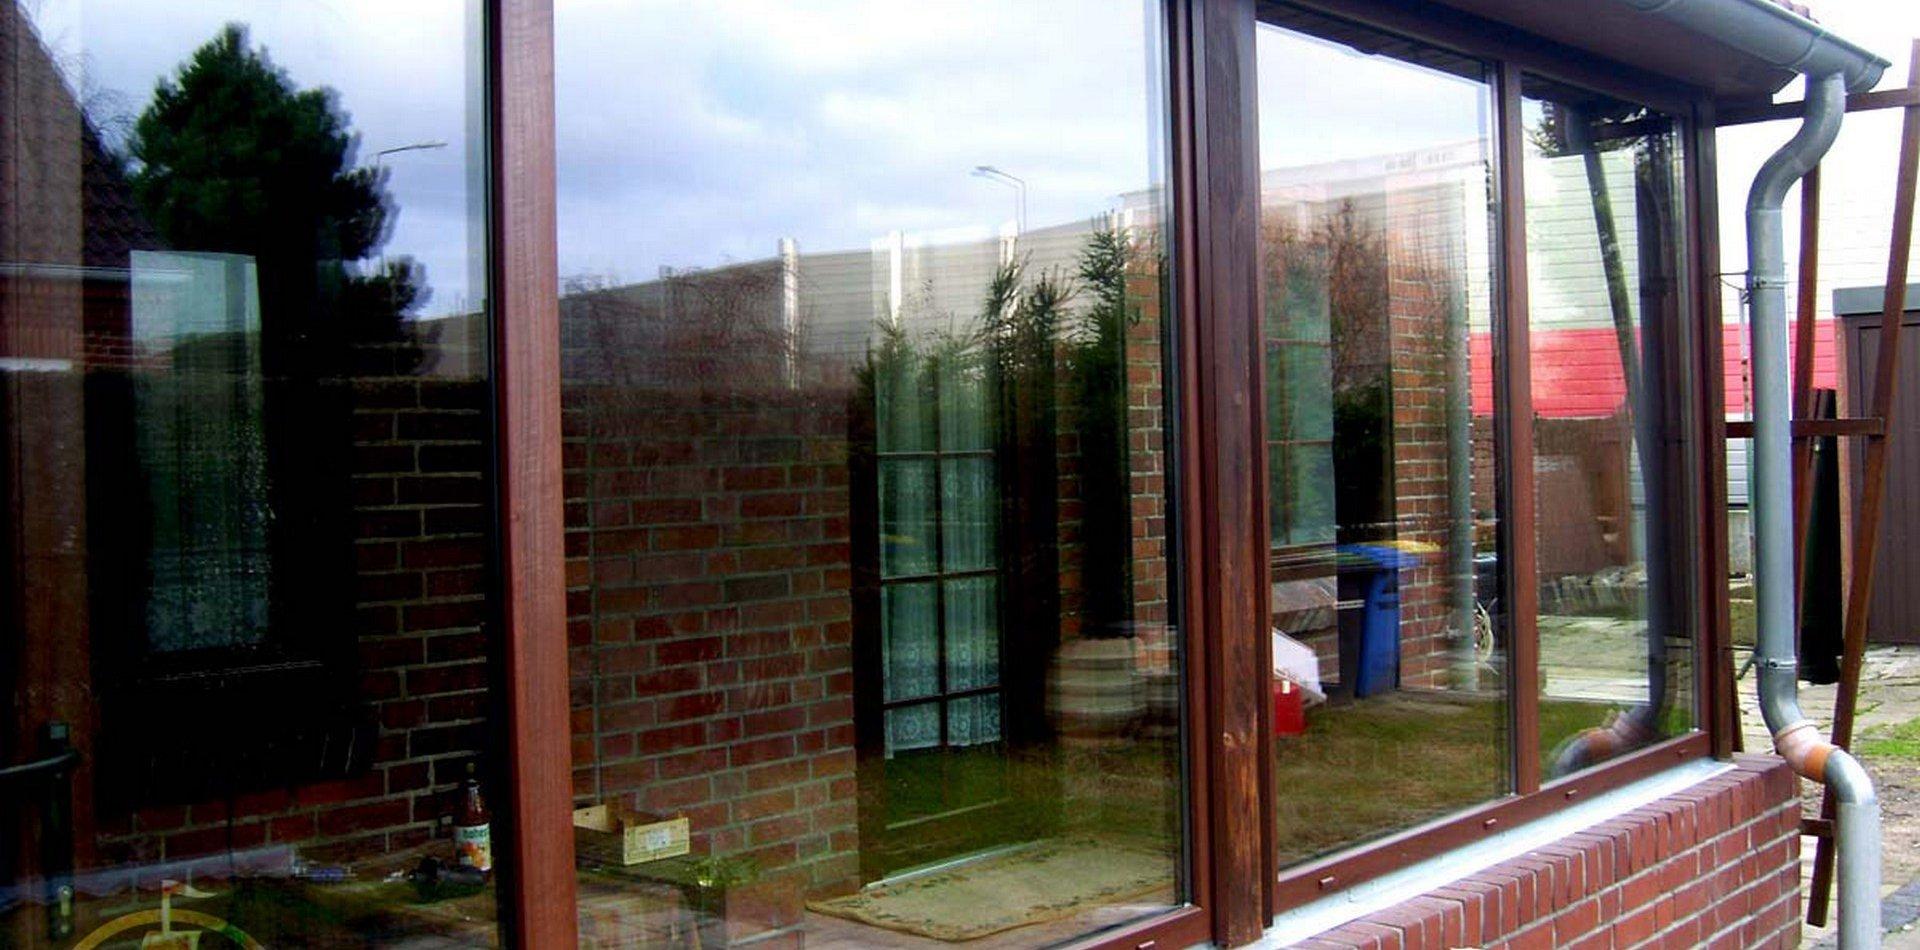 Full Size of Fenster Rostock Tischler Tischlerei Hansa Schreiner Mbeltischler In Günstig Kaufen Schüco Online Fliegennetz Fliegengitter Einbruchsicher Nachrüsten Jemako Fenster Fenster Rostock